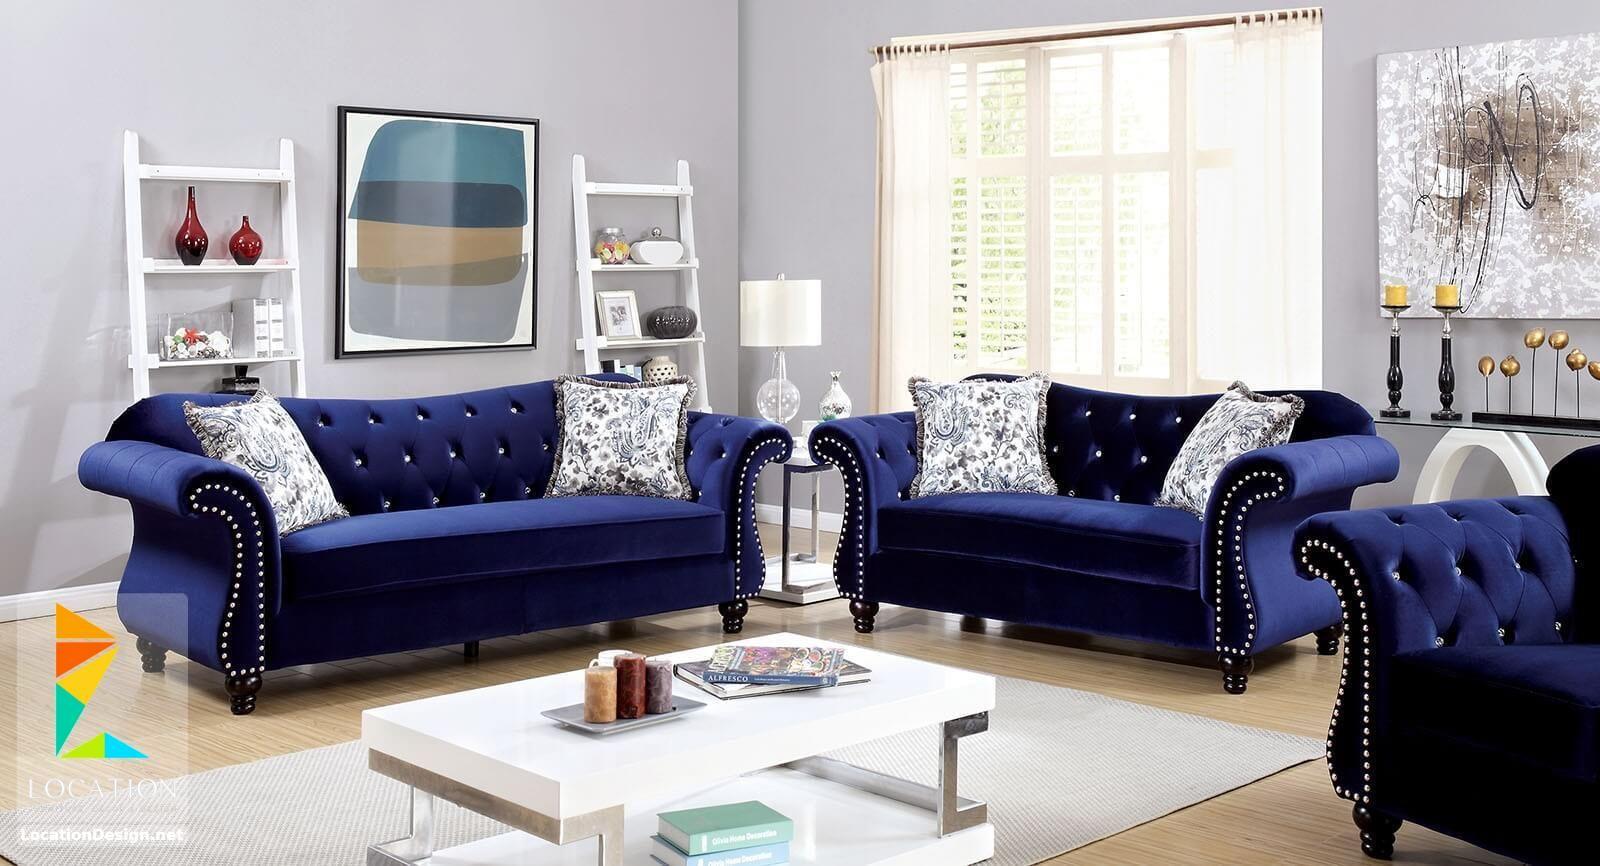 معارض اثاث مودرن أحدث موديلات انتريهات مودرن 2019 2020 Blue Living Room Decor Blue Furniture Living Room Blue Sofa Living